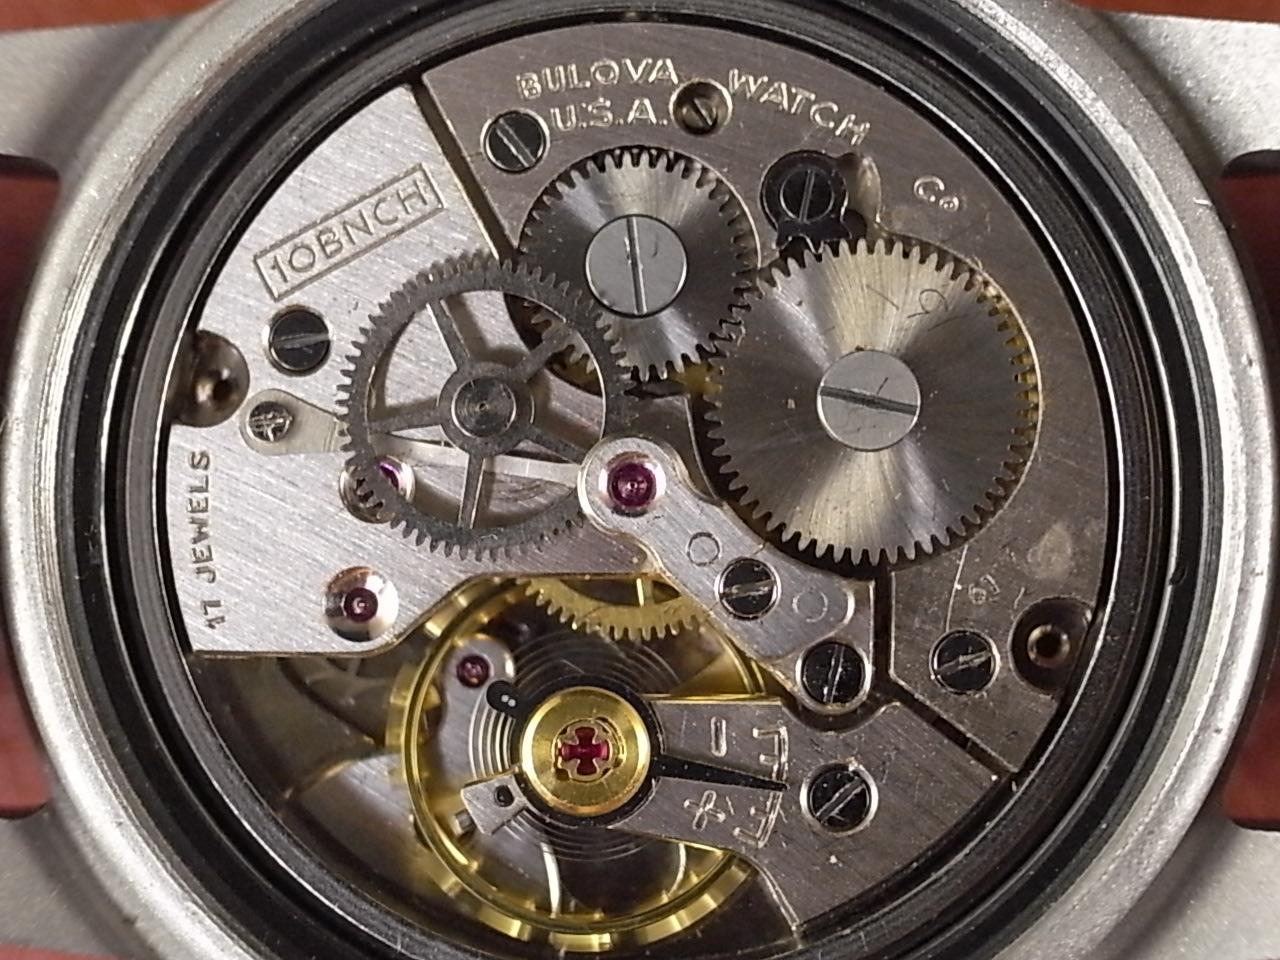 ブローバ 軍用時計 米軍 MIL-W-3818A ニアミント 1950年代の写真5枚目